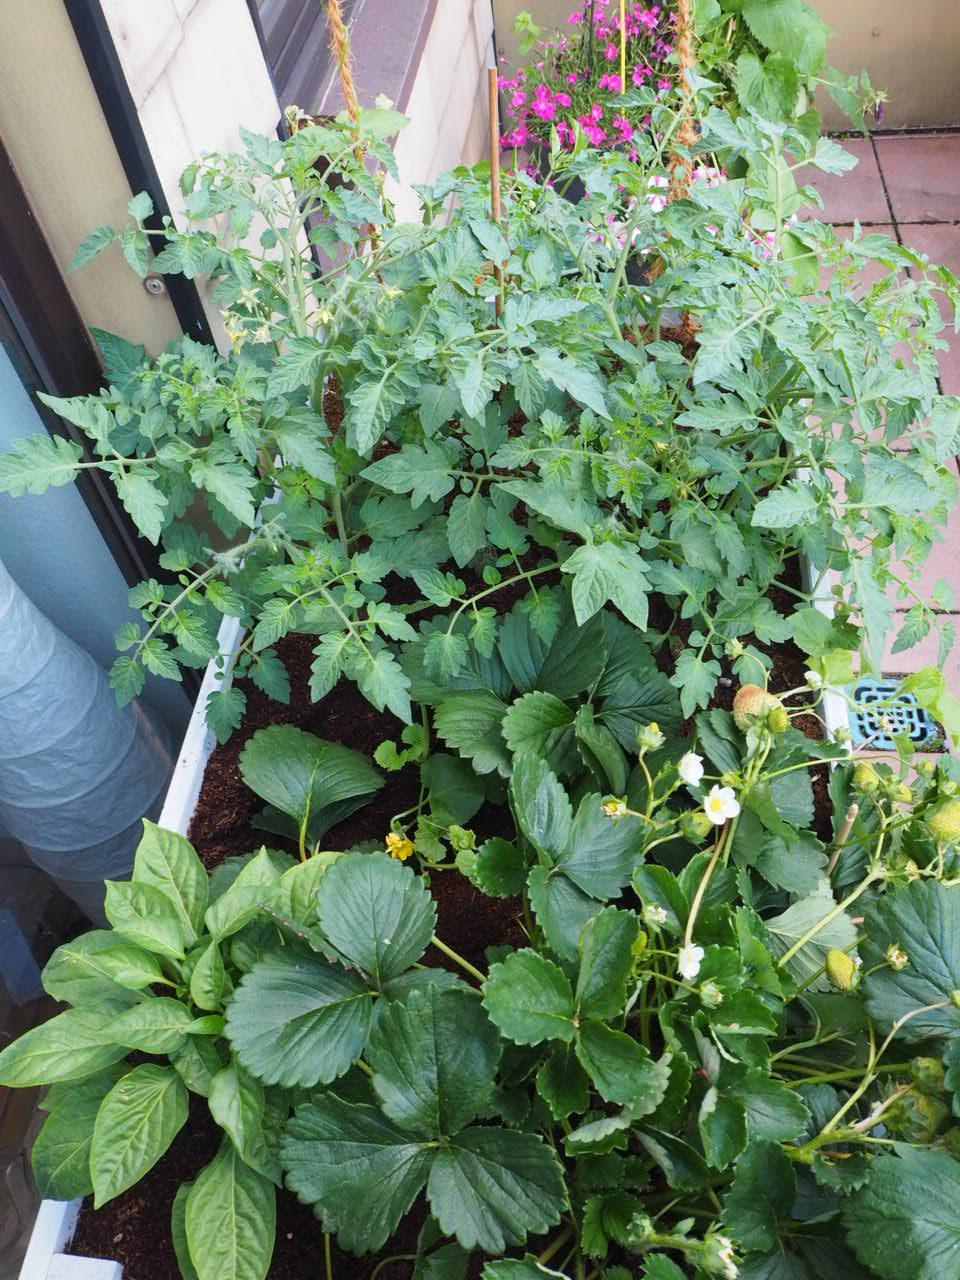 Nutzpflanzen im Balkon-Hochbeet